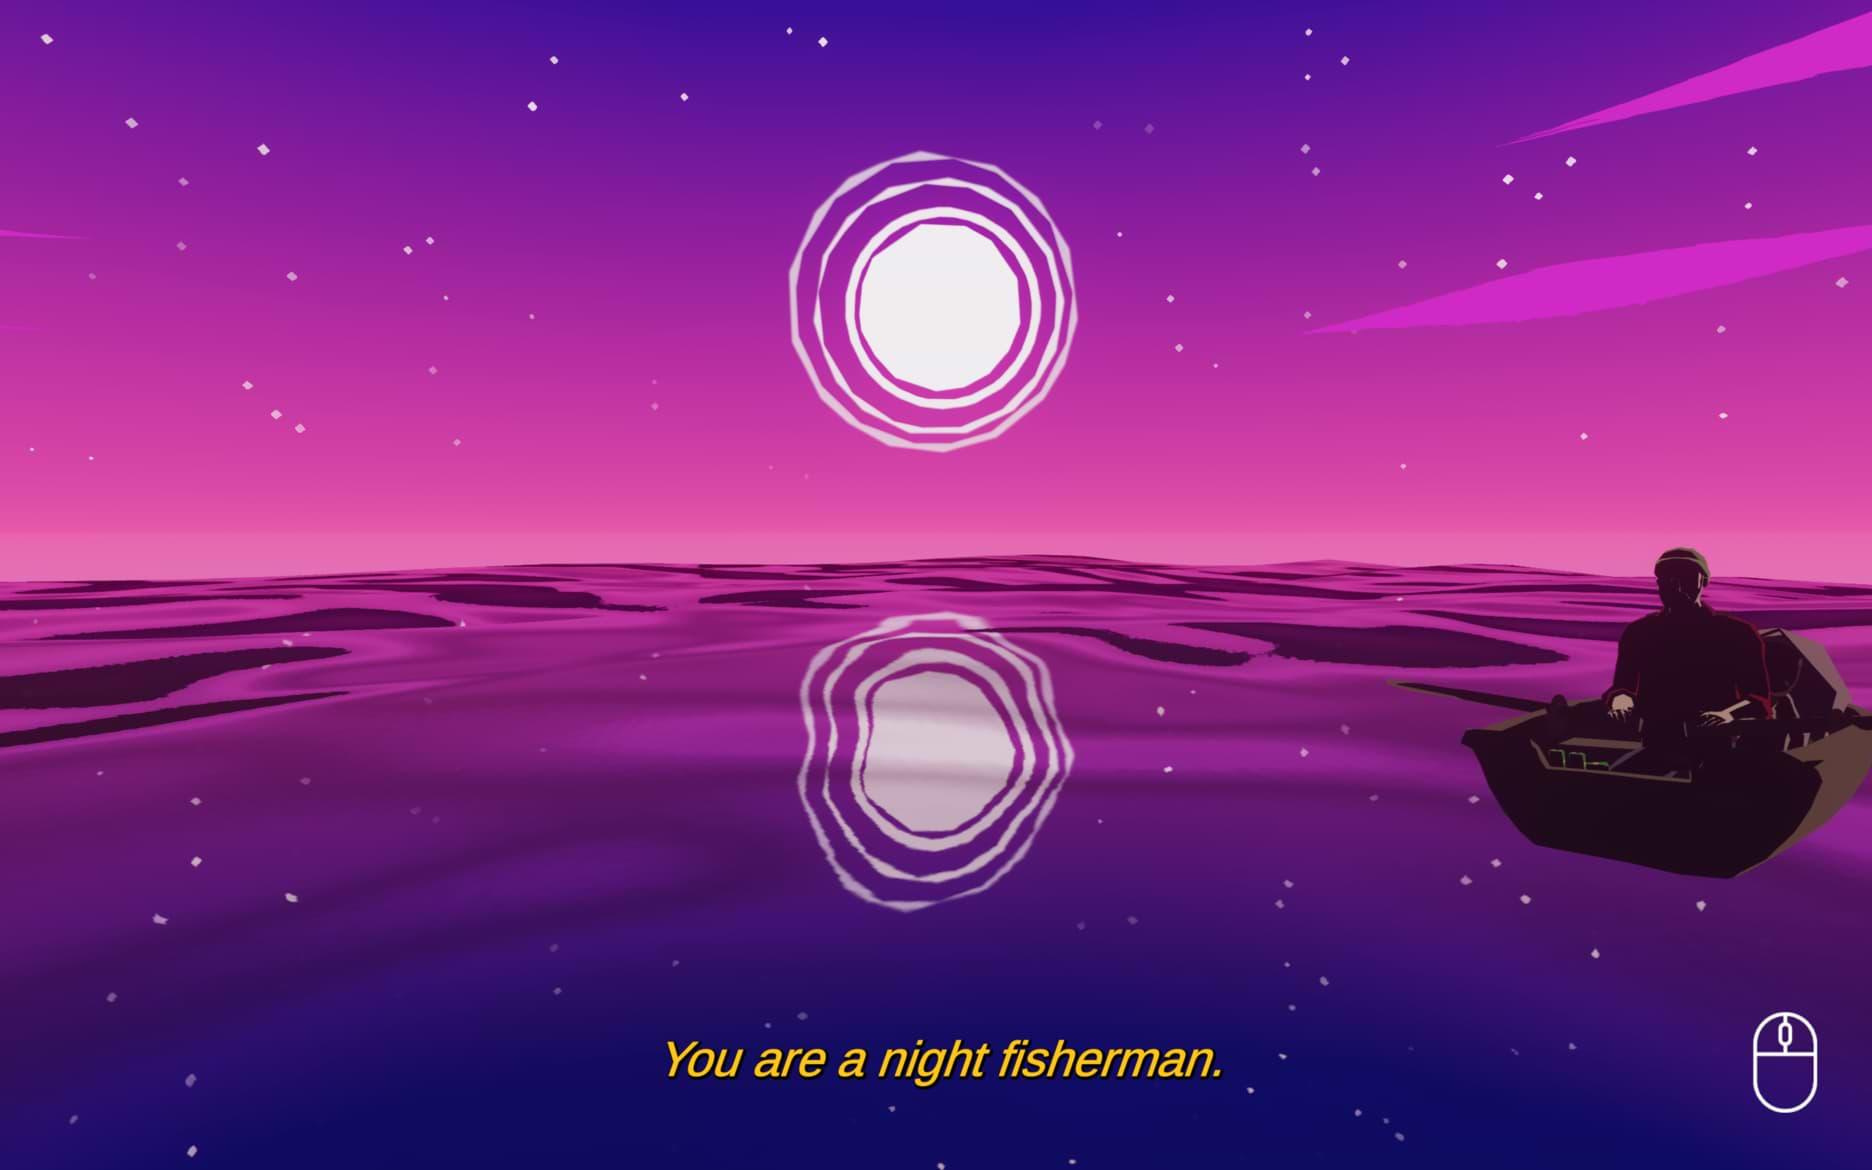 The Night Fisherman - You